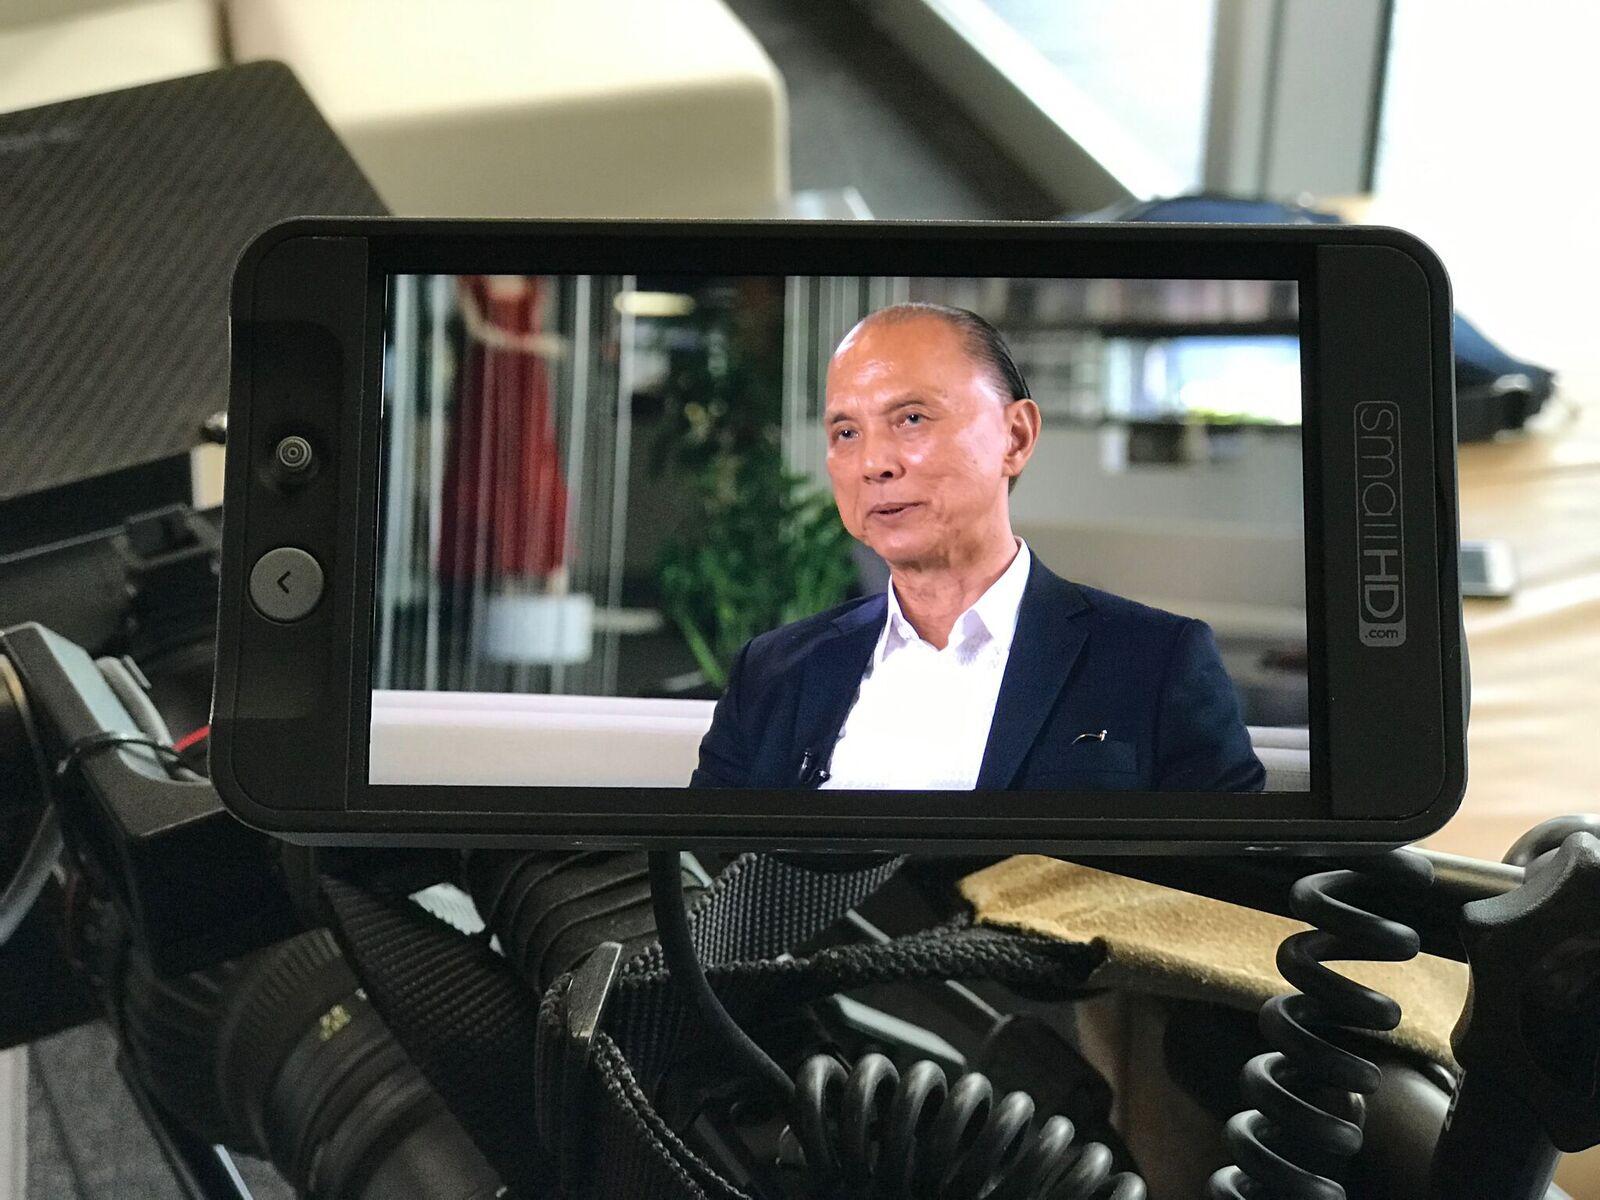 Jimmy Choo visit, freelance tour cameraman, Brisbane.